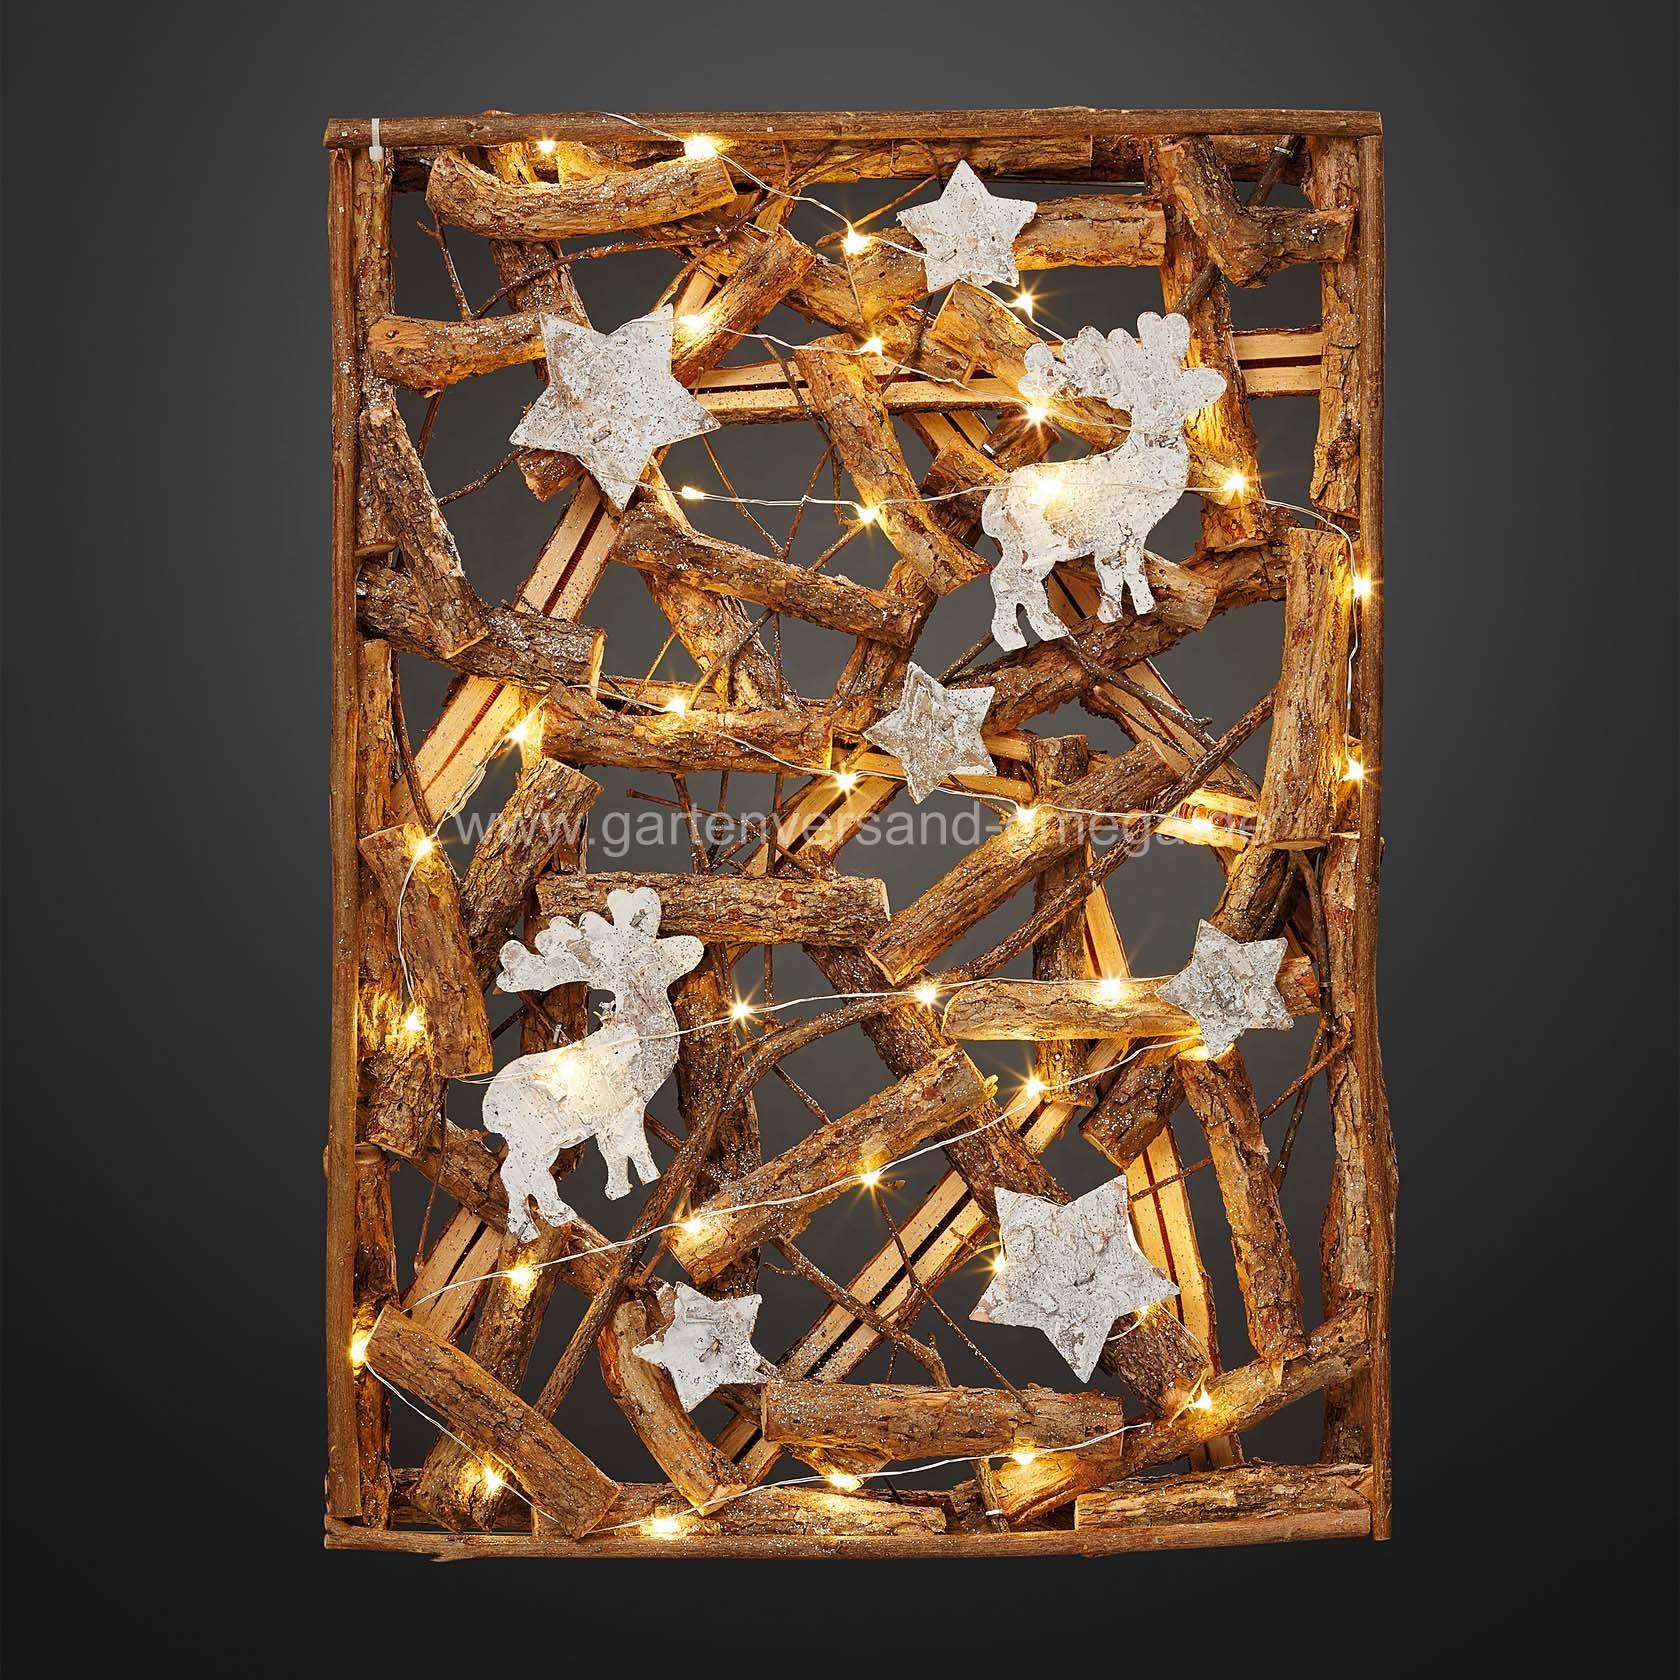 2616047-led-holzcollage-mit-sternen-und-rentieren_hd-large Spannende Led Weihnachtsbaumbeleuchtung Ohne Kabel Dekorationen